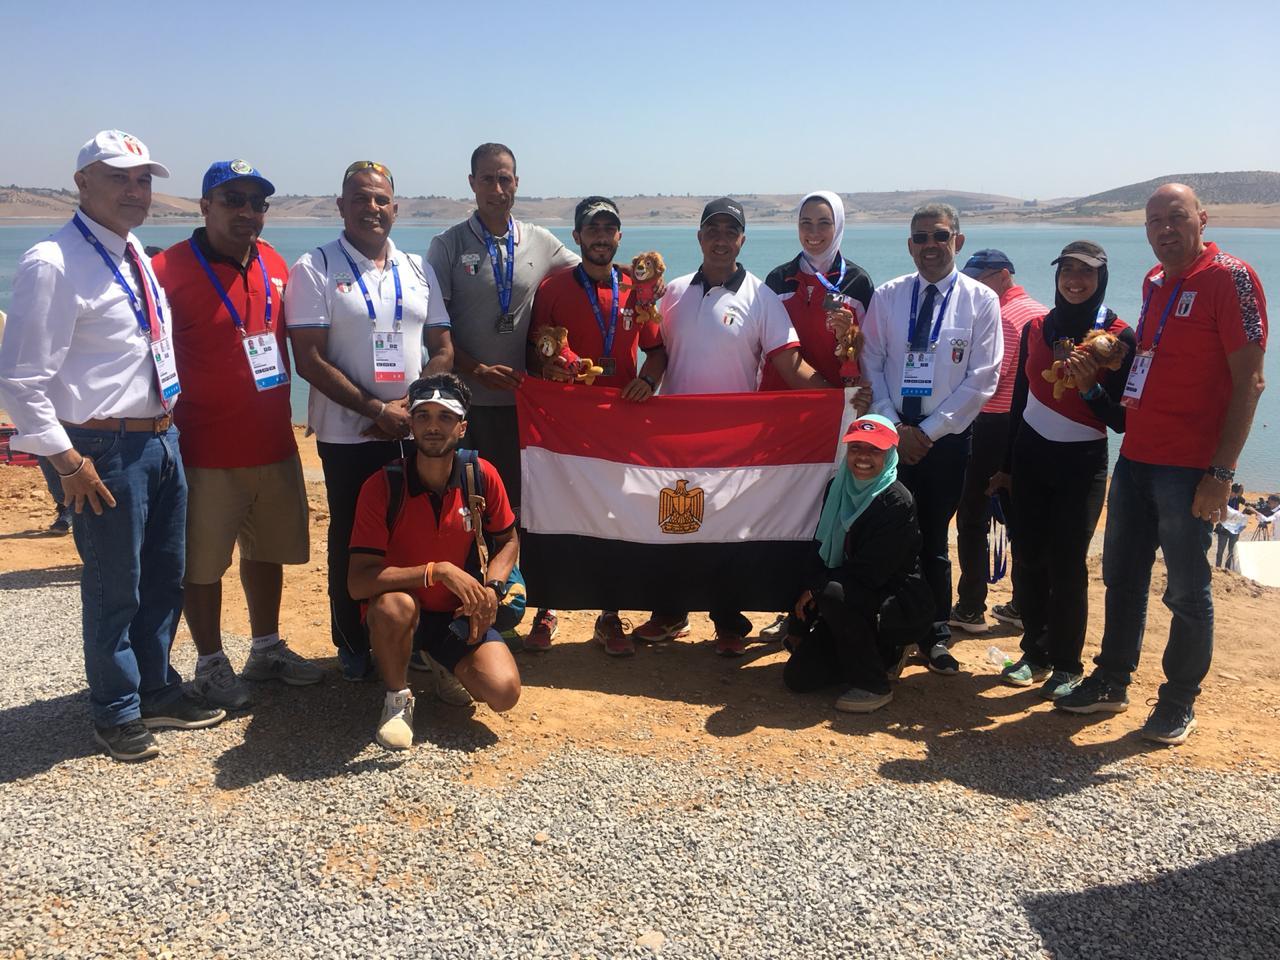 البعثة المصرية تحتفل بالتجديف